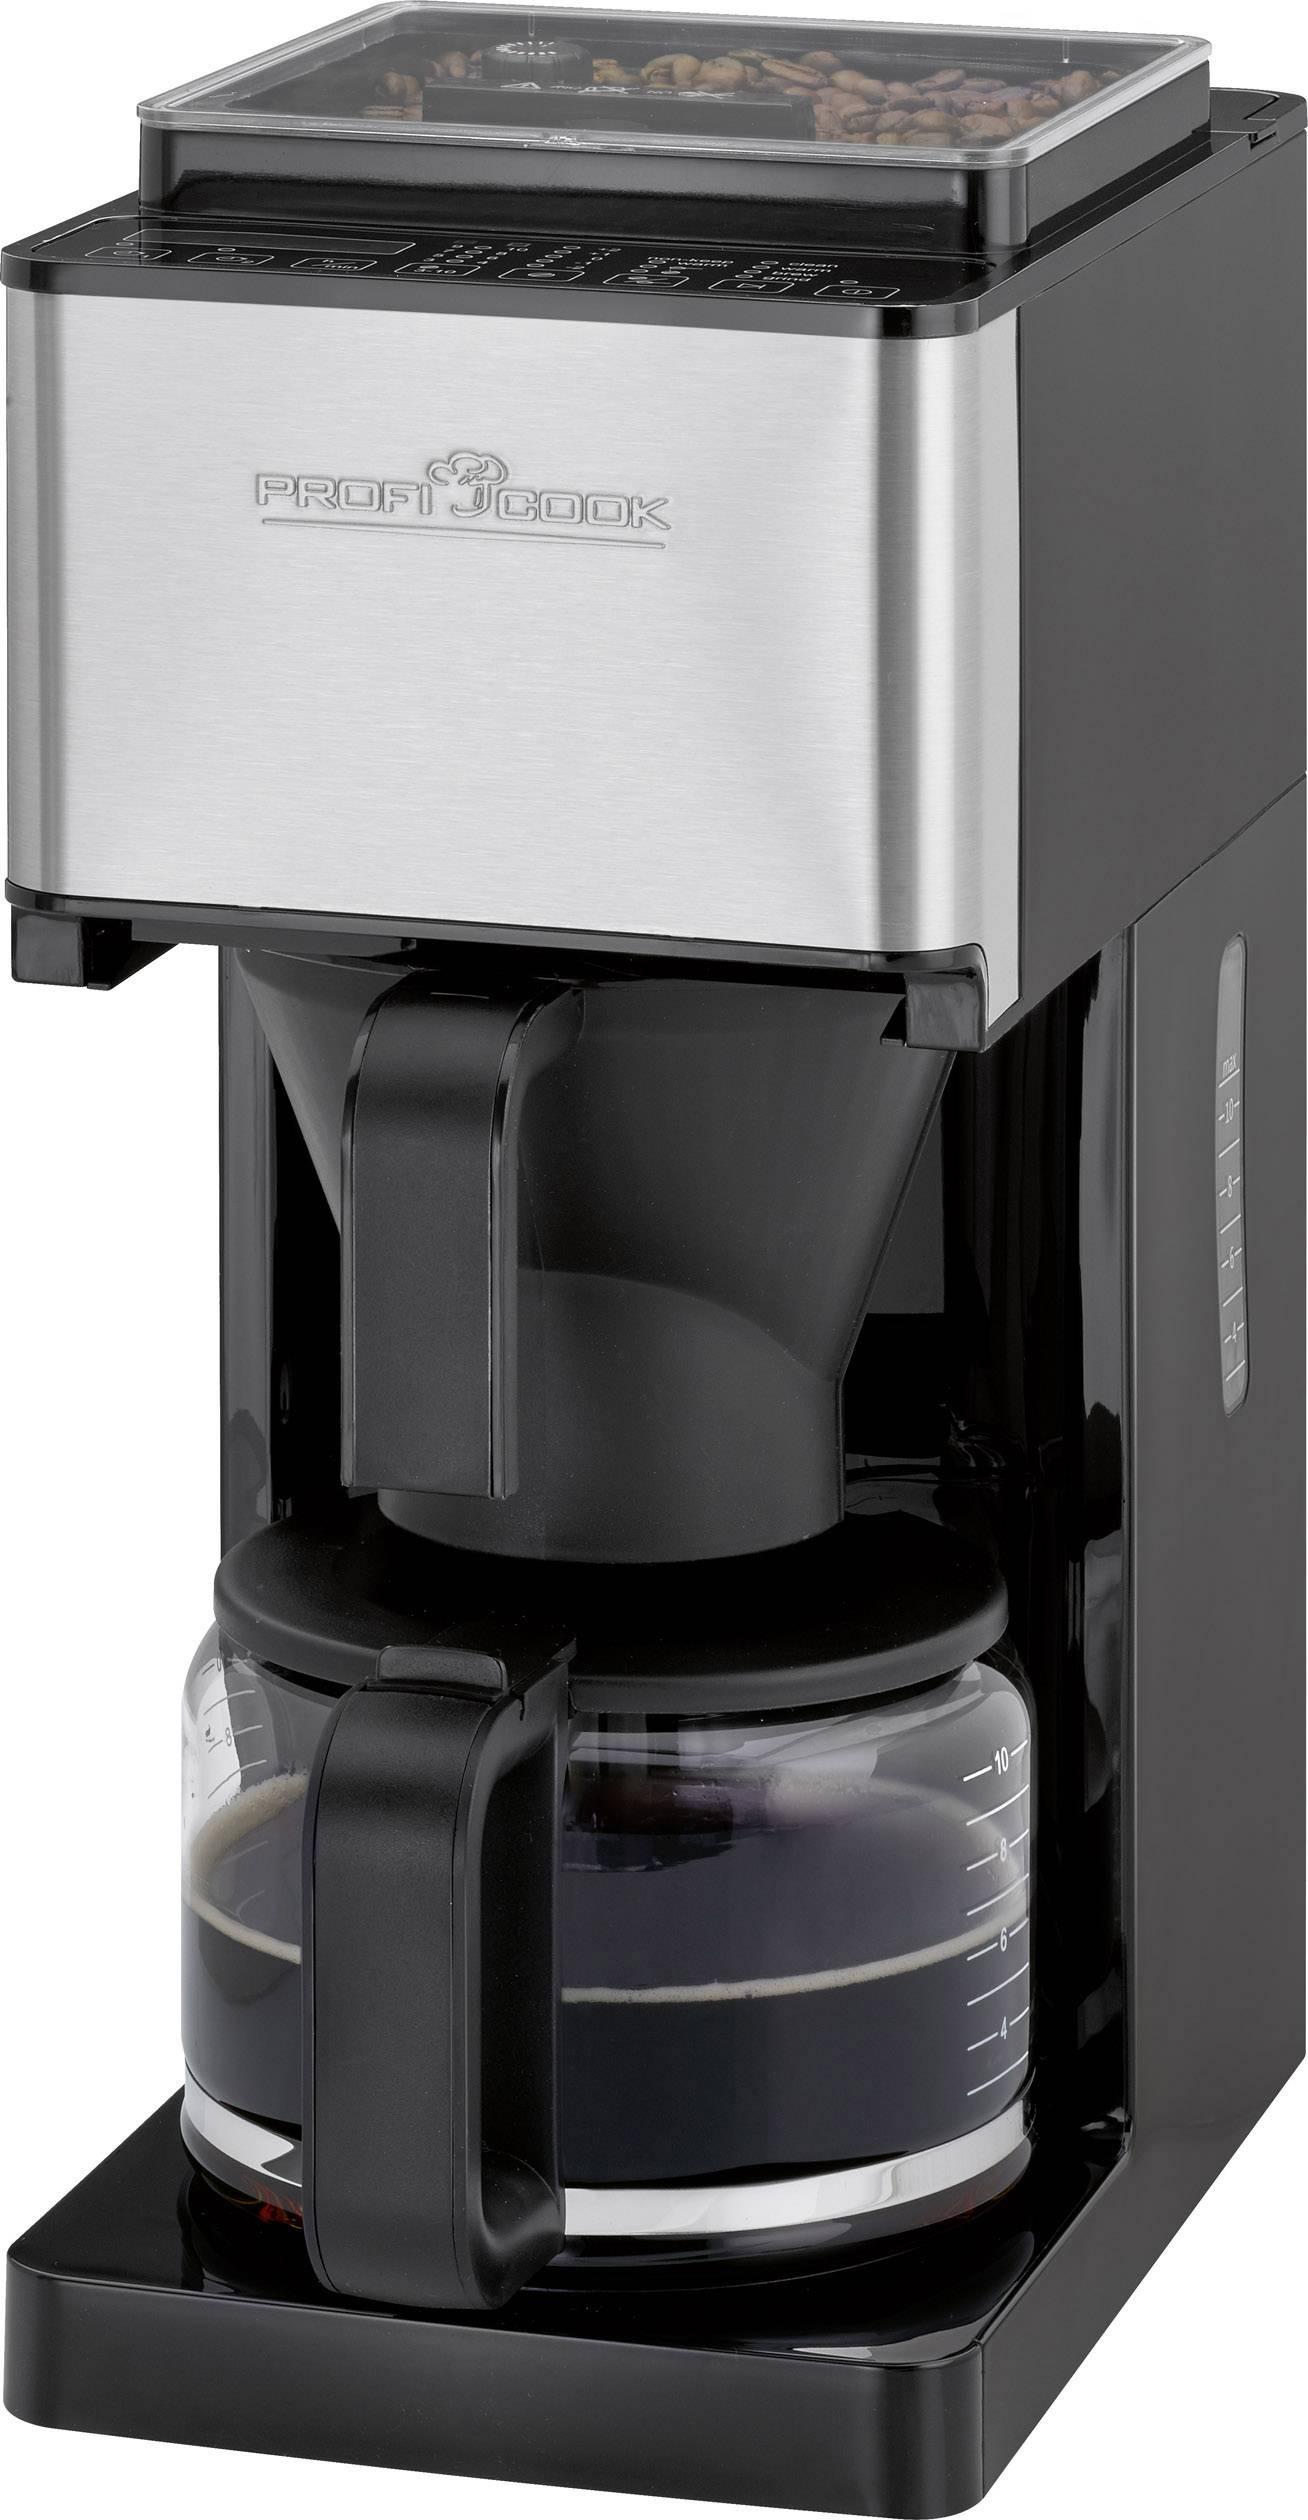 Kávovar Profi Cook PC-KA 1138, černá/ocelová